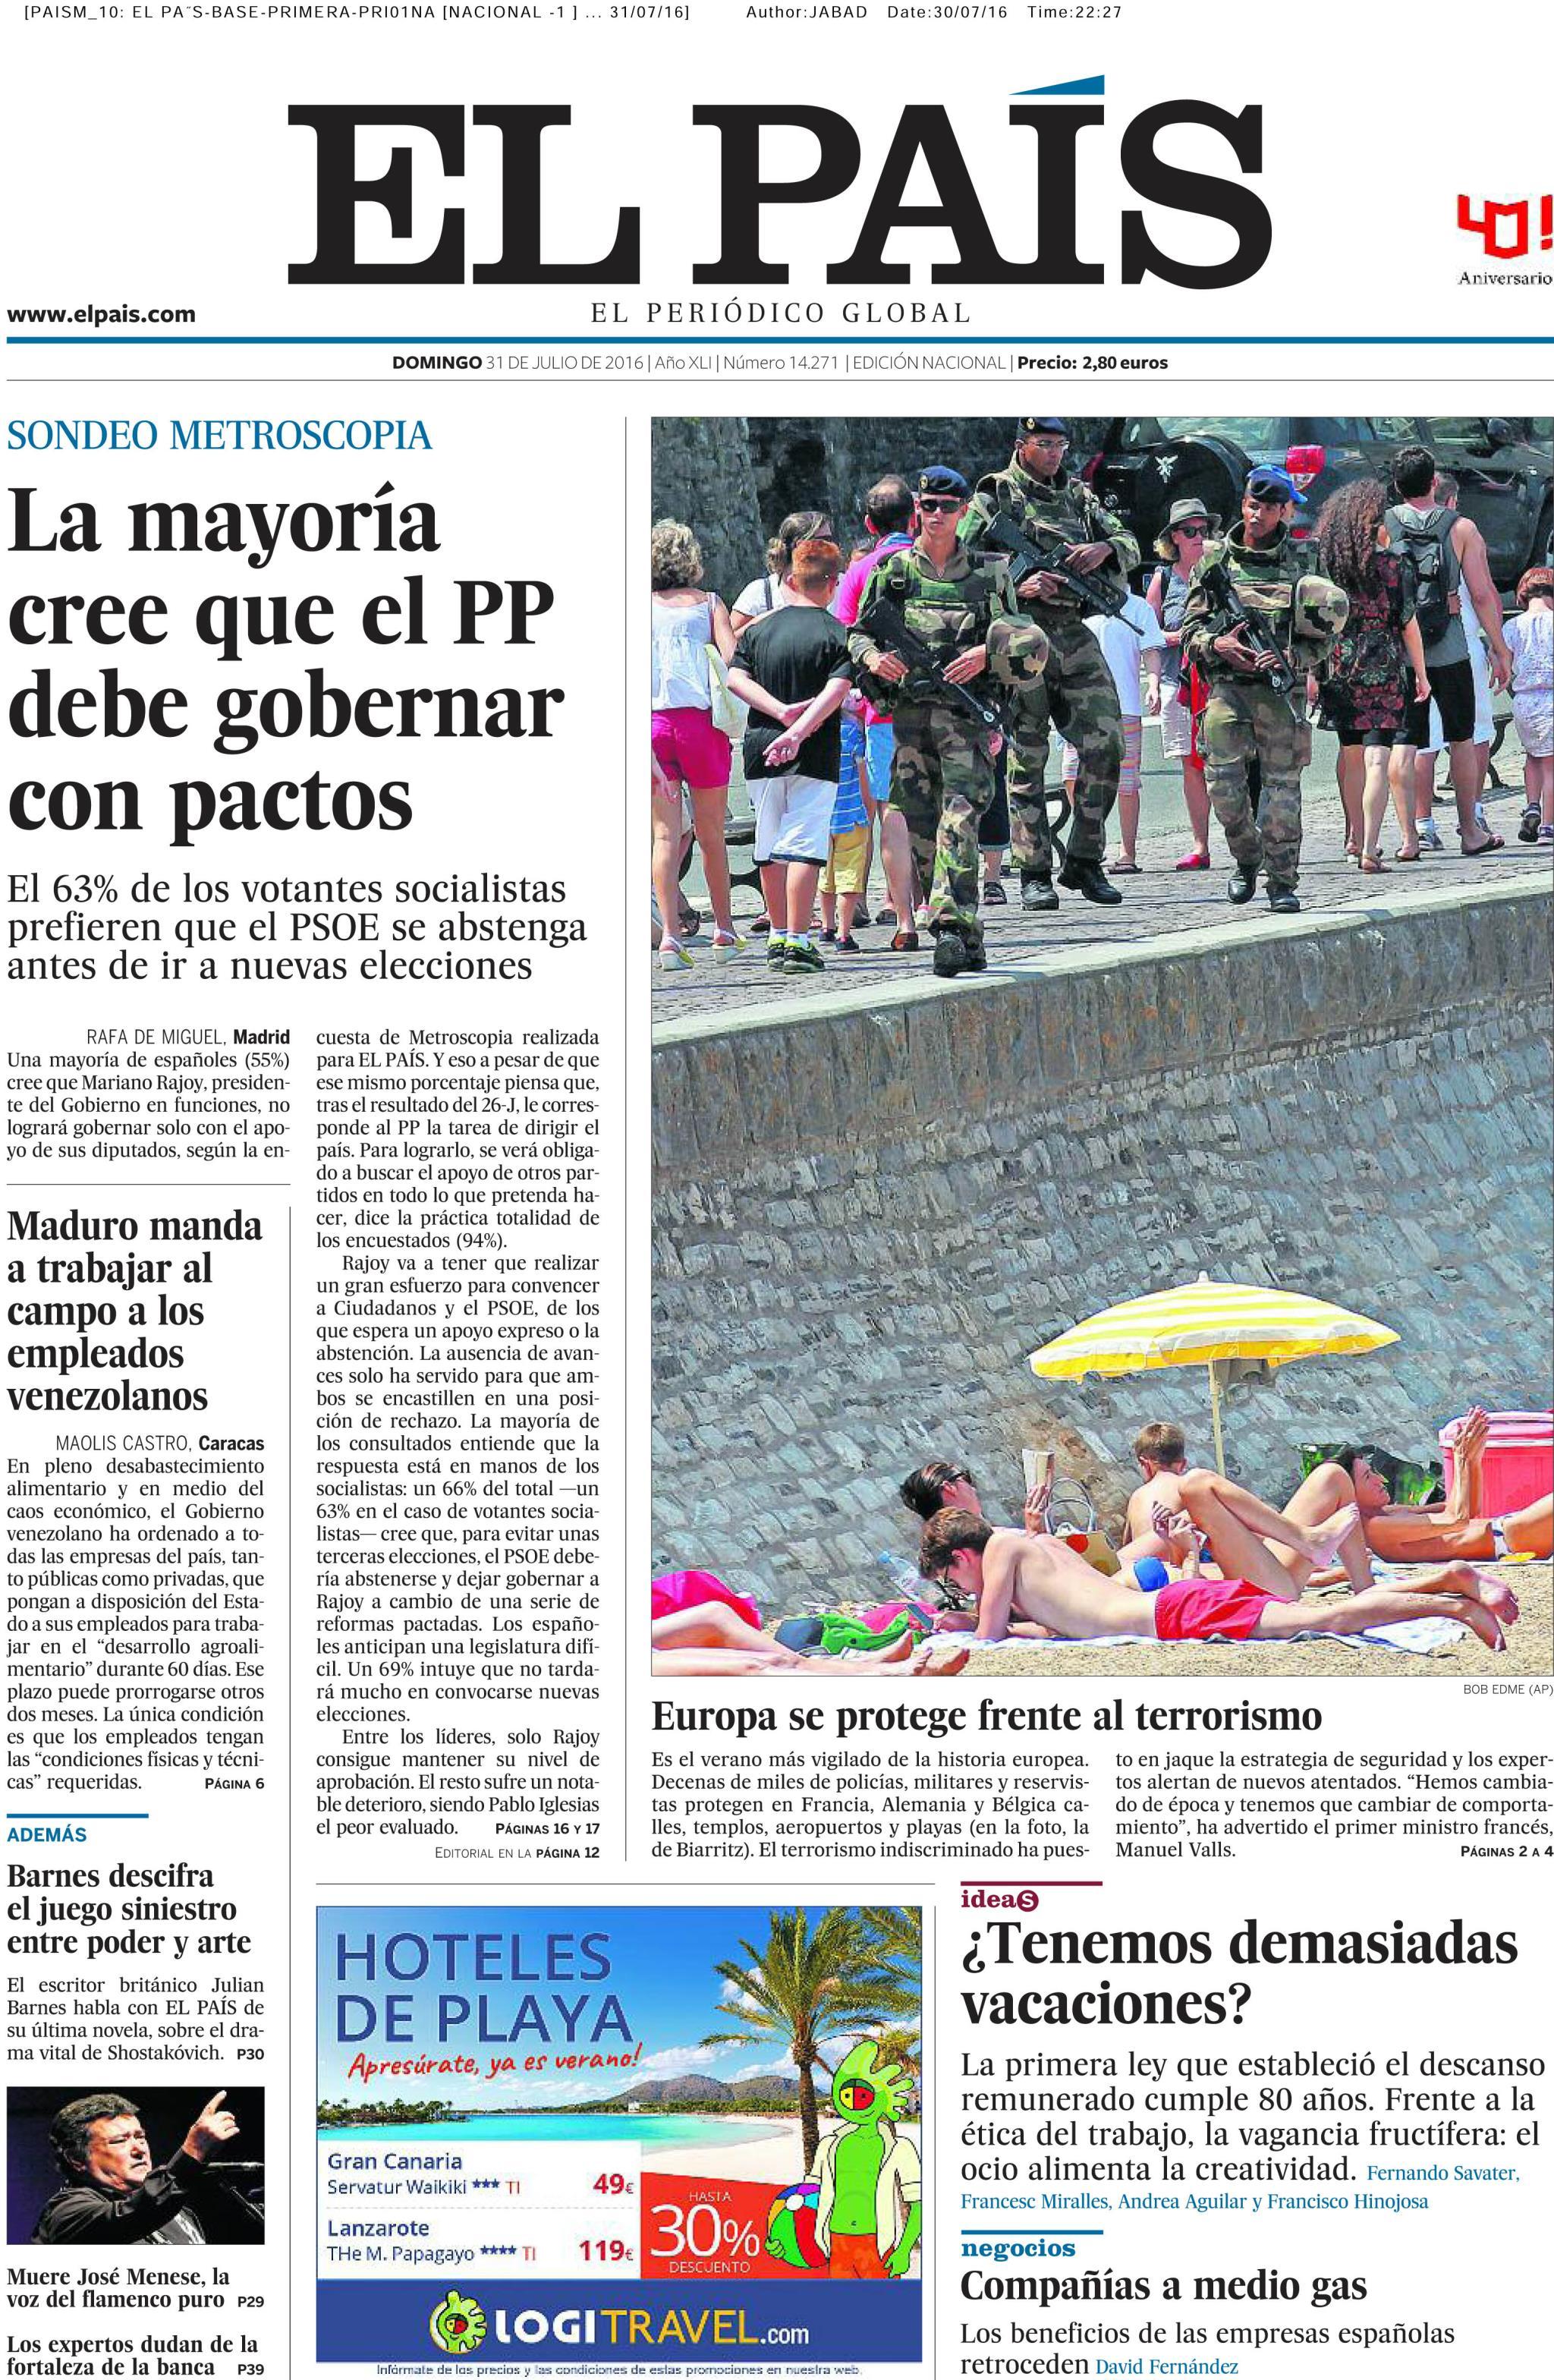 El País portada 31 julio 2016